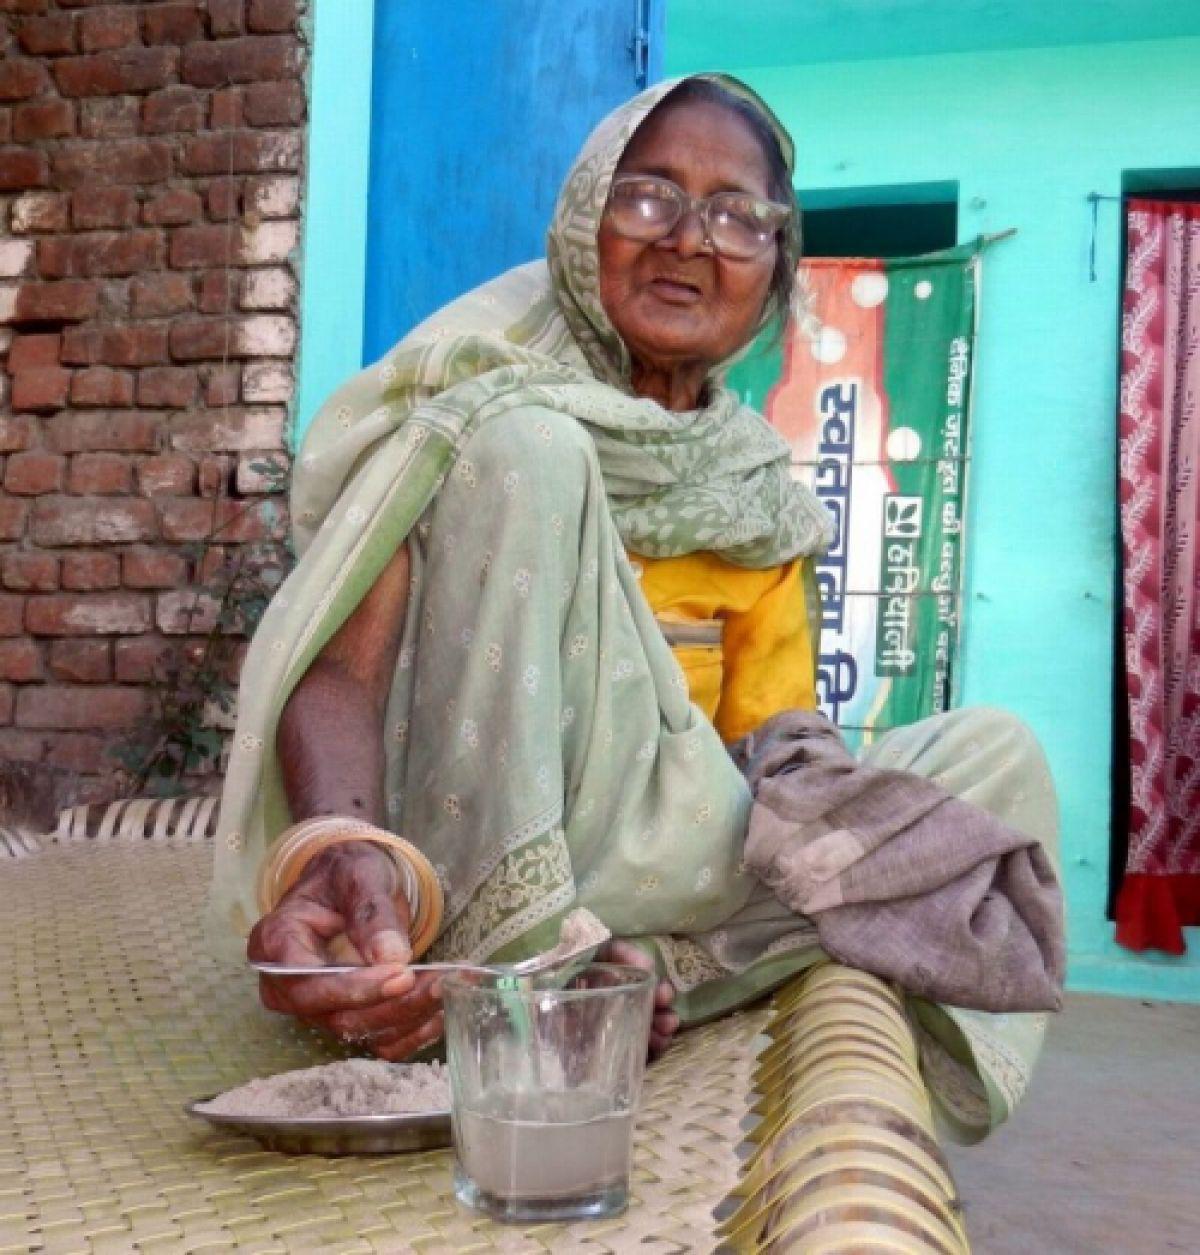 В Индии живет старушка, которая есть ежедневно 1 килограмм песка